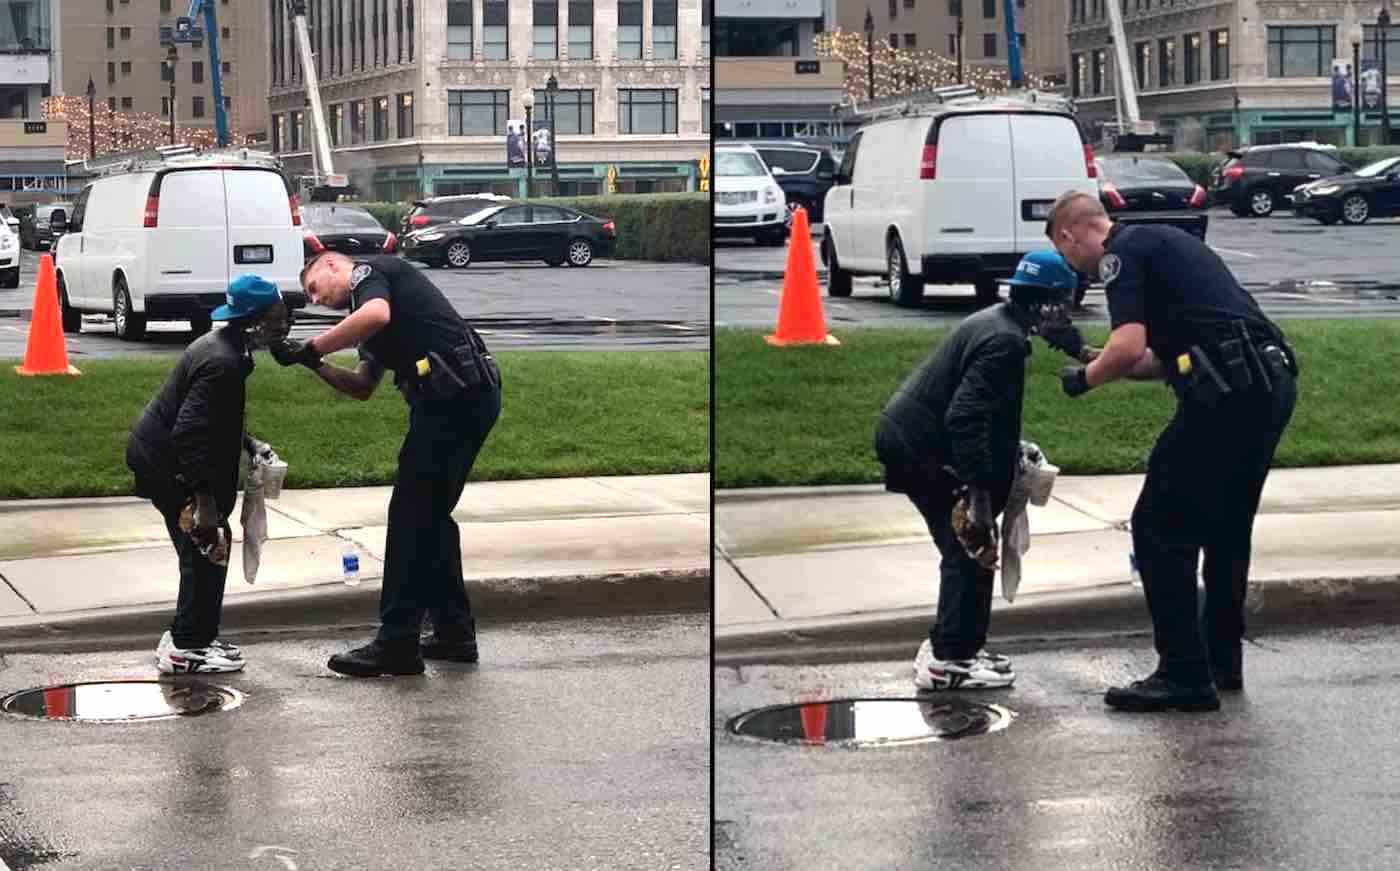 Policial faz barba de morador de rua